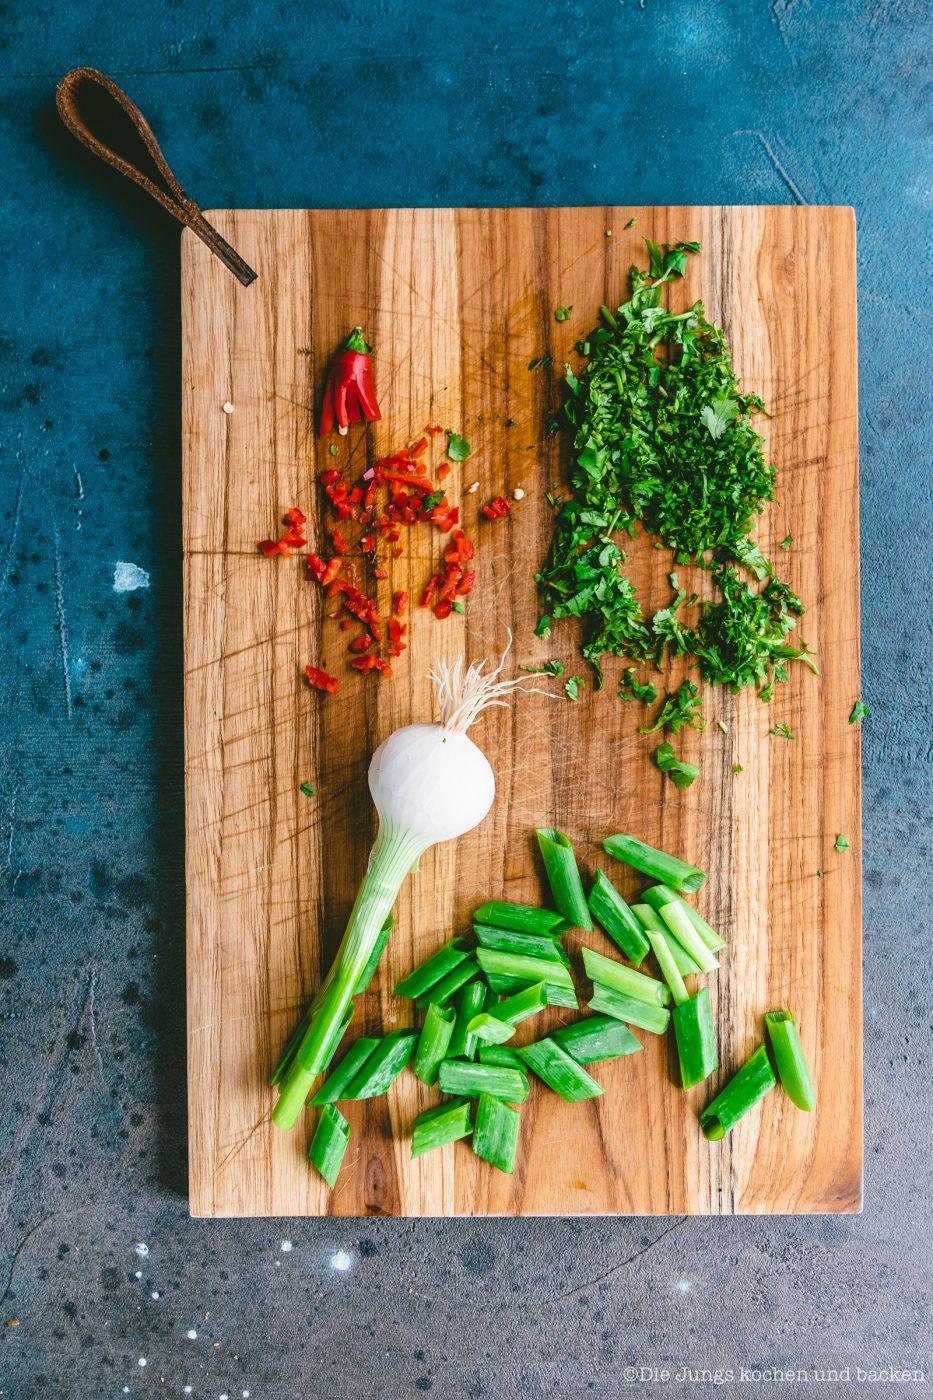 Kichererbsensalat mir Knusper Erdnüssen ültje 11 | Endlich haben wir mal wieder einen Salat für euch im Gepäck. Ein leckerer Salat ist nämlich nicht nur Begleiter, sondern kann und darf gerne mal das Highlight sein.Ganz egal, ob zum Grillen, als Feierabendküche oder als Vorspeise!! Gemeinsam mit unserem Partner ültje haben wir unsere liebsten Aromen wie Curry, Kurkuma und Chili in einem super einfachen und noch viel schnelleren Kichererbsensalat mit Knusper-Erdnüssen und Prawns vereint.